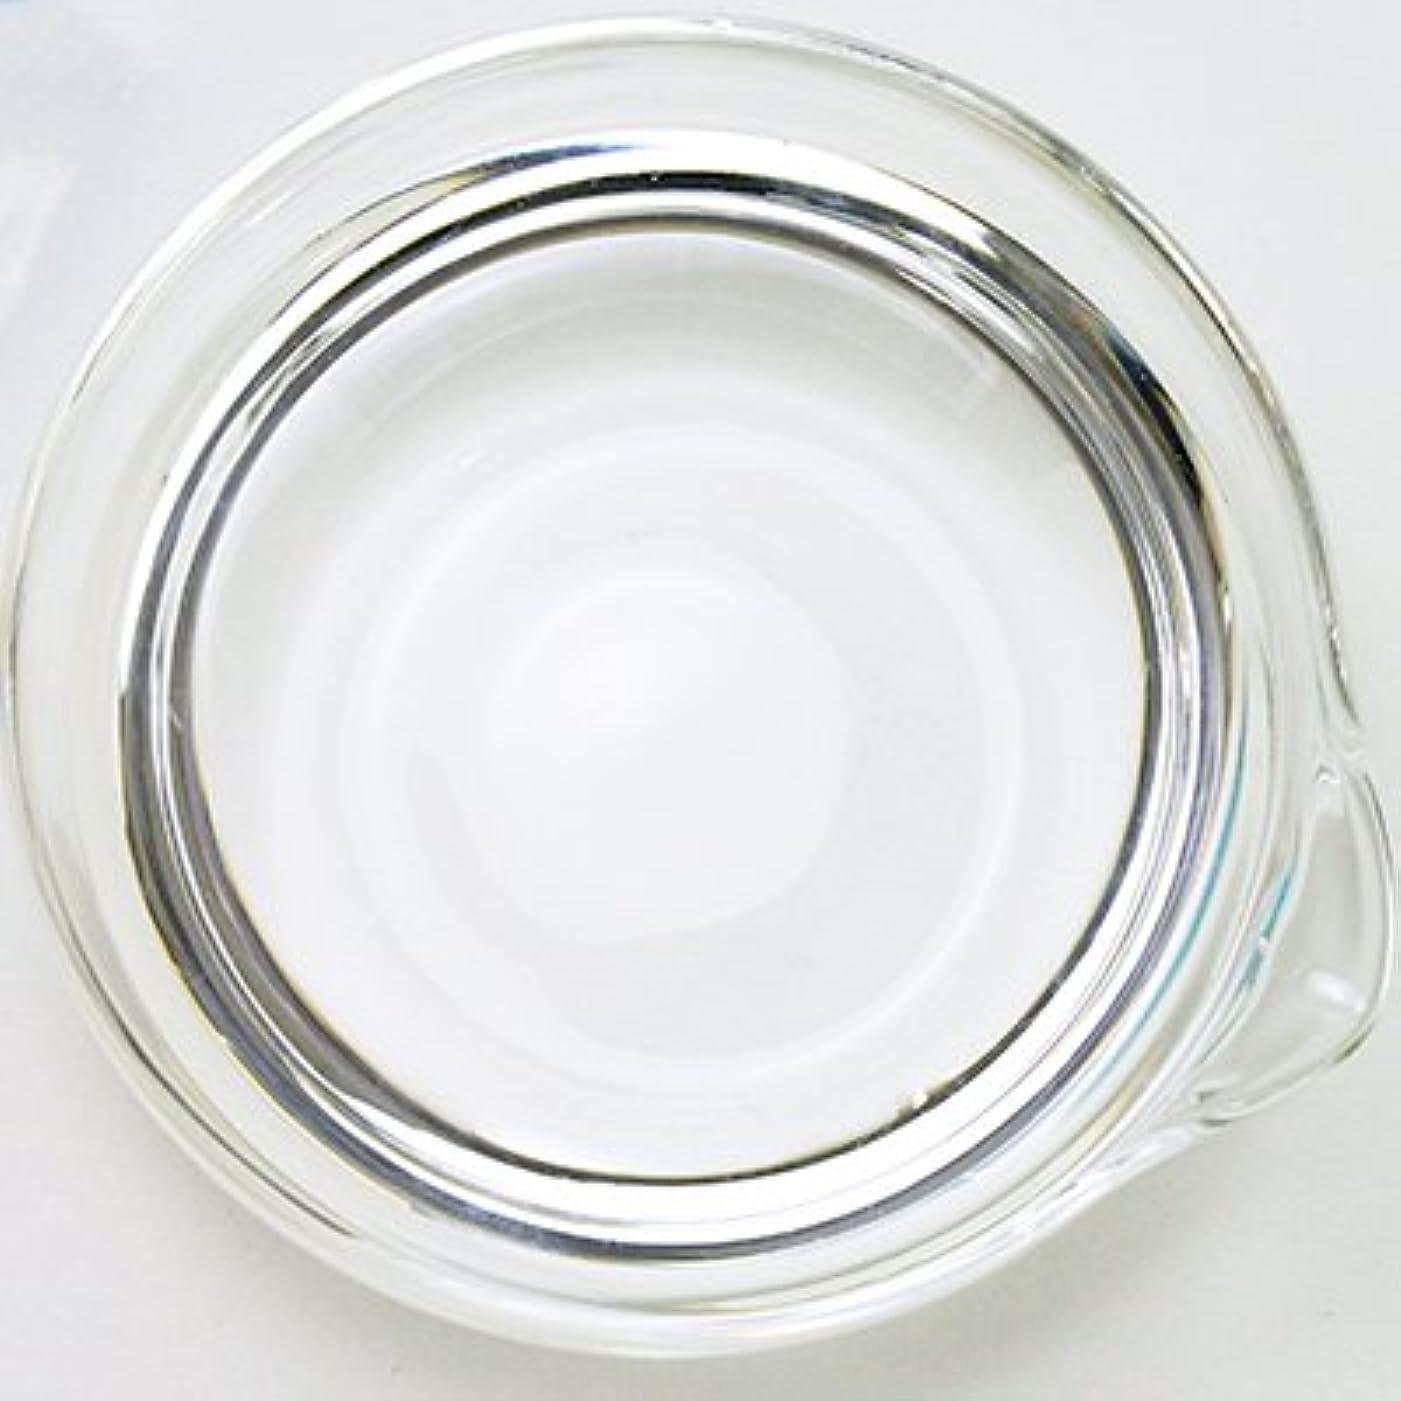 系譜天井時折ホワイトオリーブオイル [吸着精製オリーブオイル] 1L 【手作り石鹸/手作りコスメ/ピュアオリーブオイル】